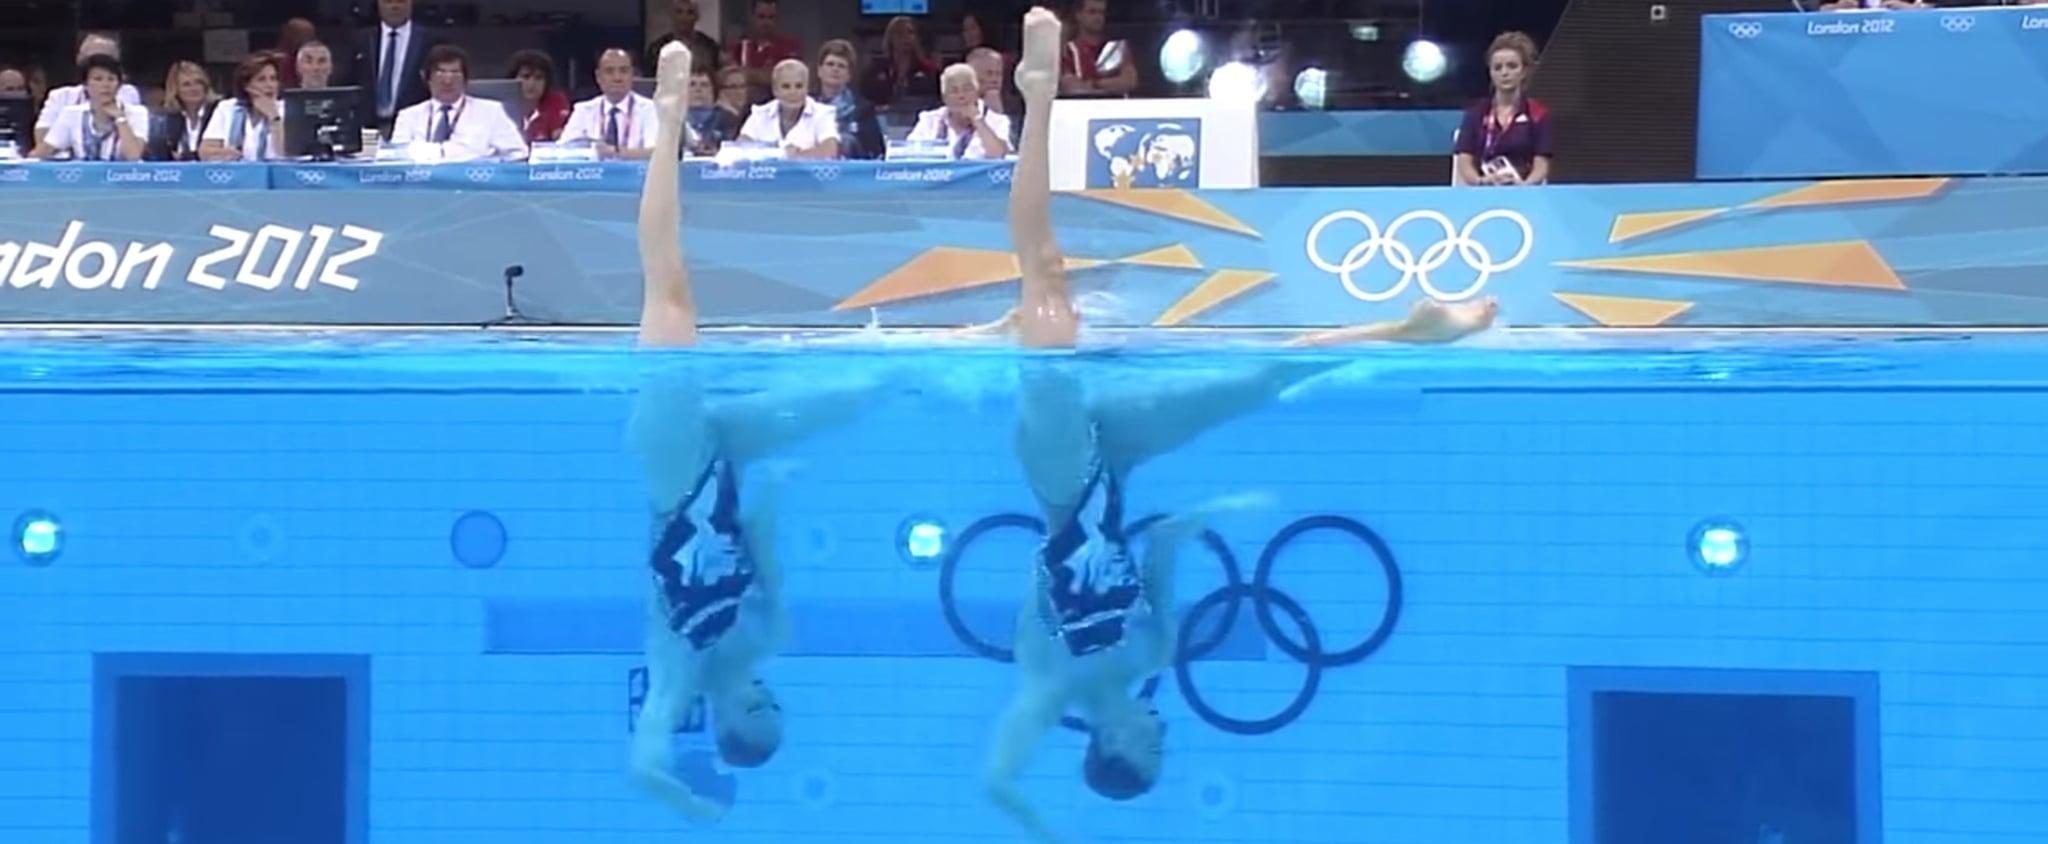 Michael Jackson Synchronized Swimming Routine